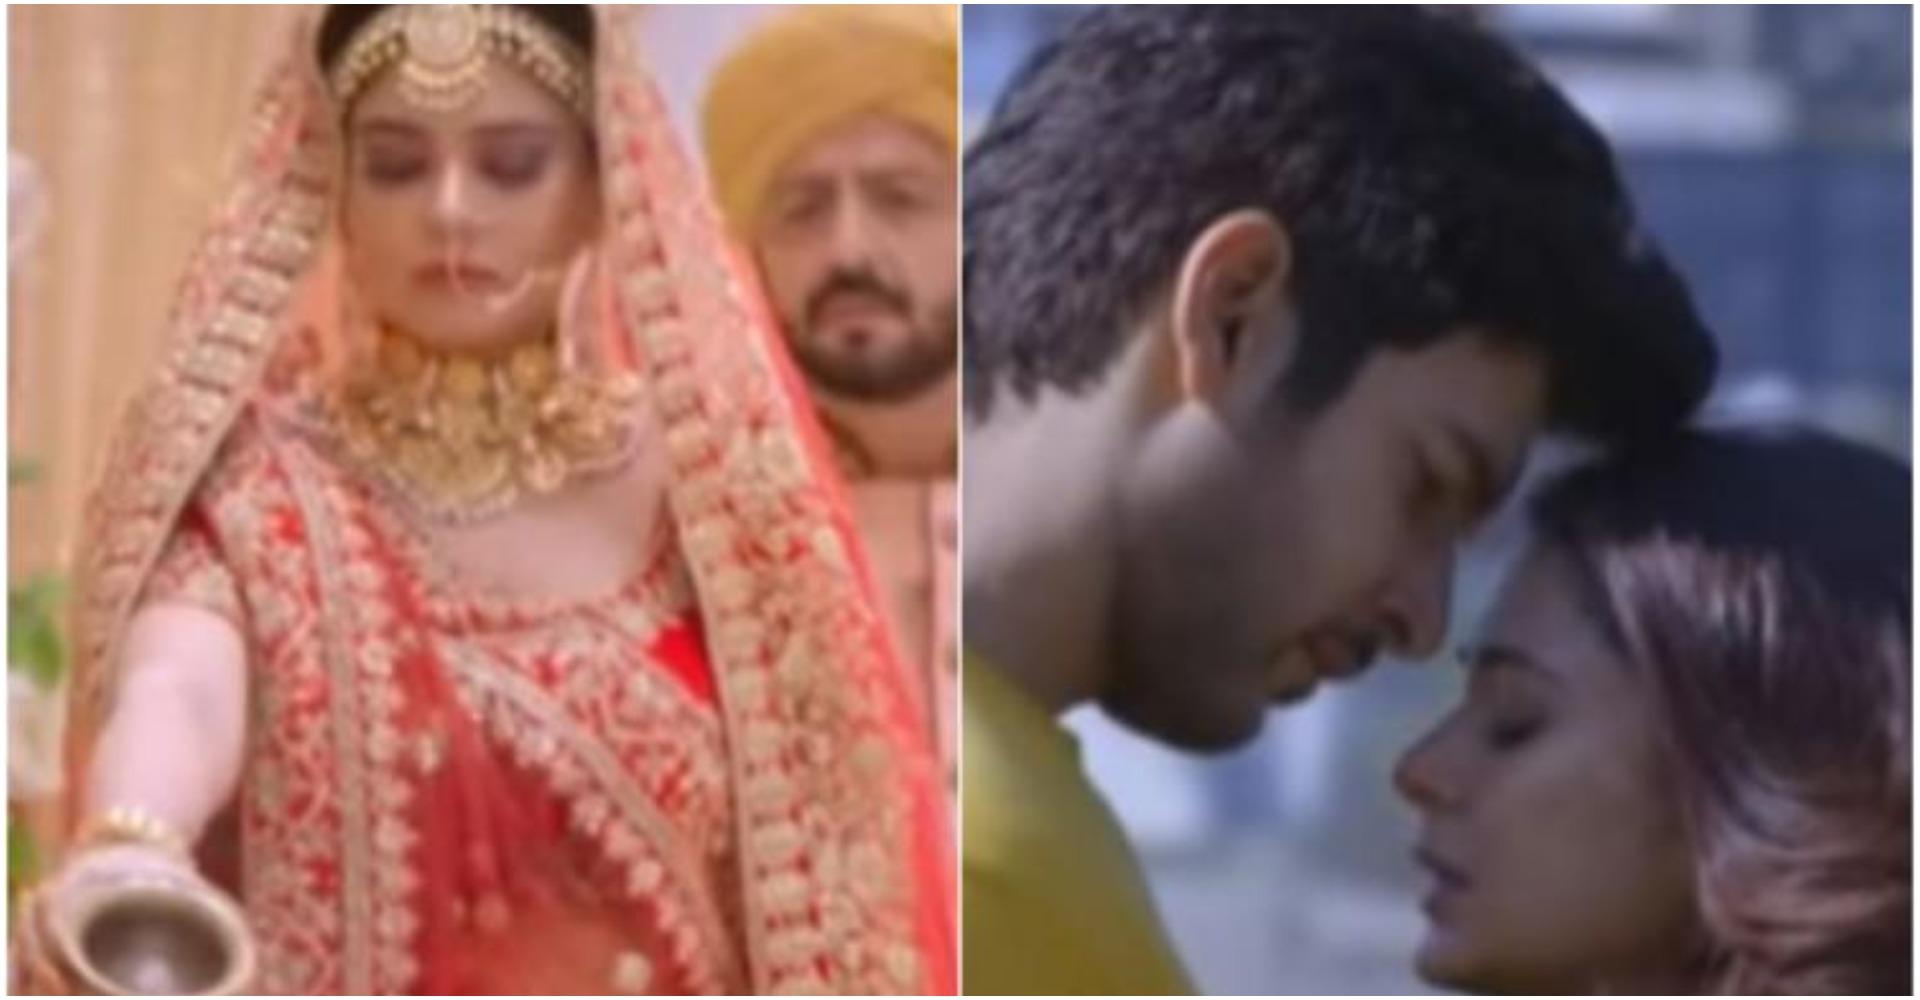 Beyhadh 2 Preview 31 January 2020: रूद्र ने अनन्या से तोड़ी शादी, मंडप छोड़ रूद्र गया माया की तलाश में